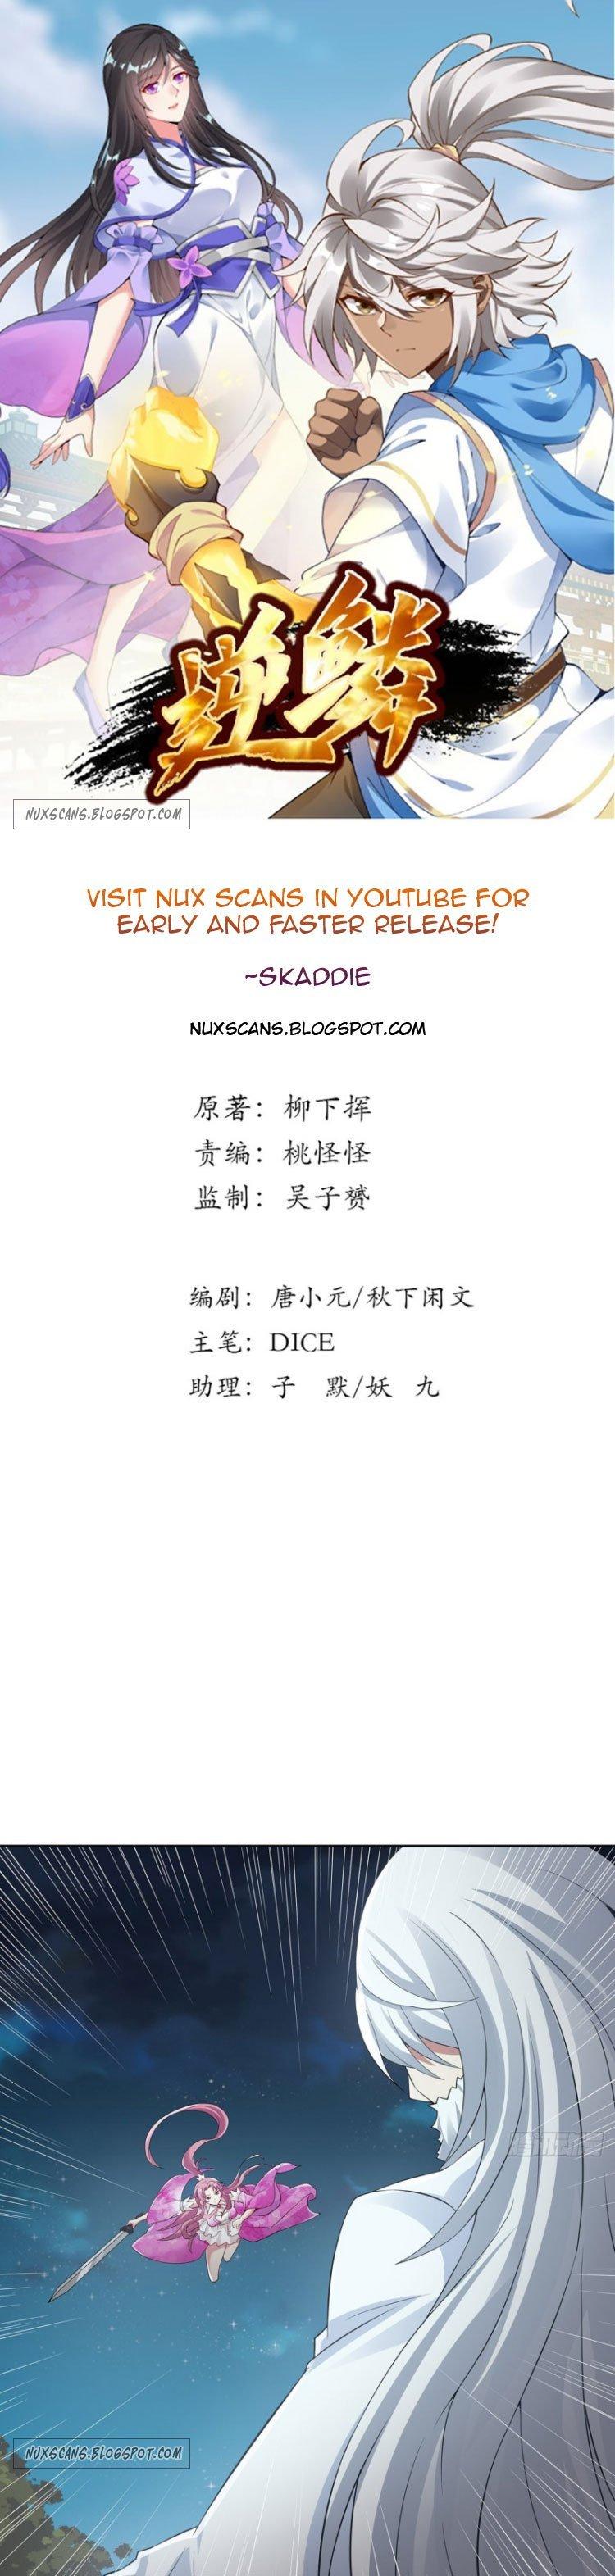 Manga Inverse Scale - Chapter 117 Page 1